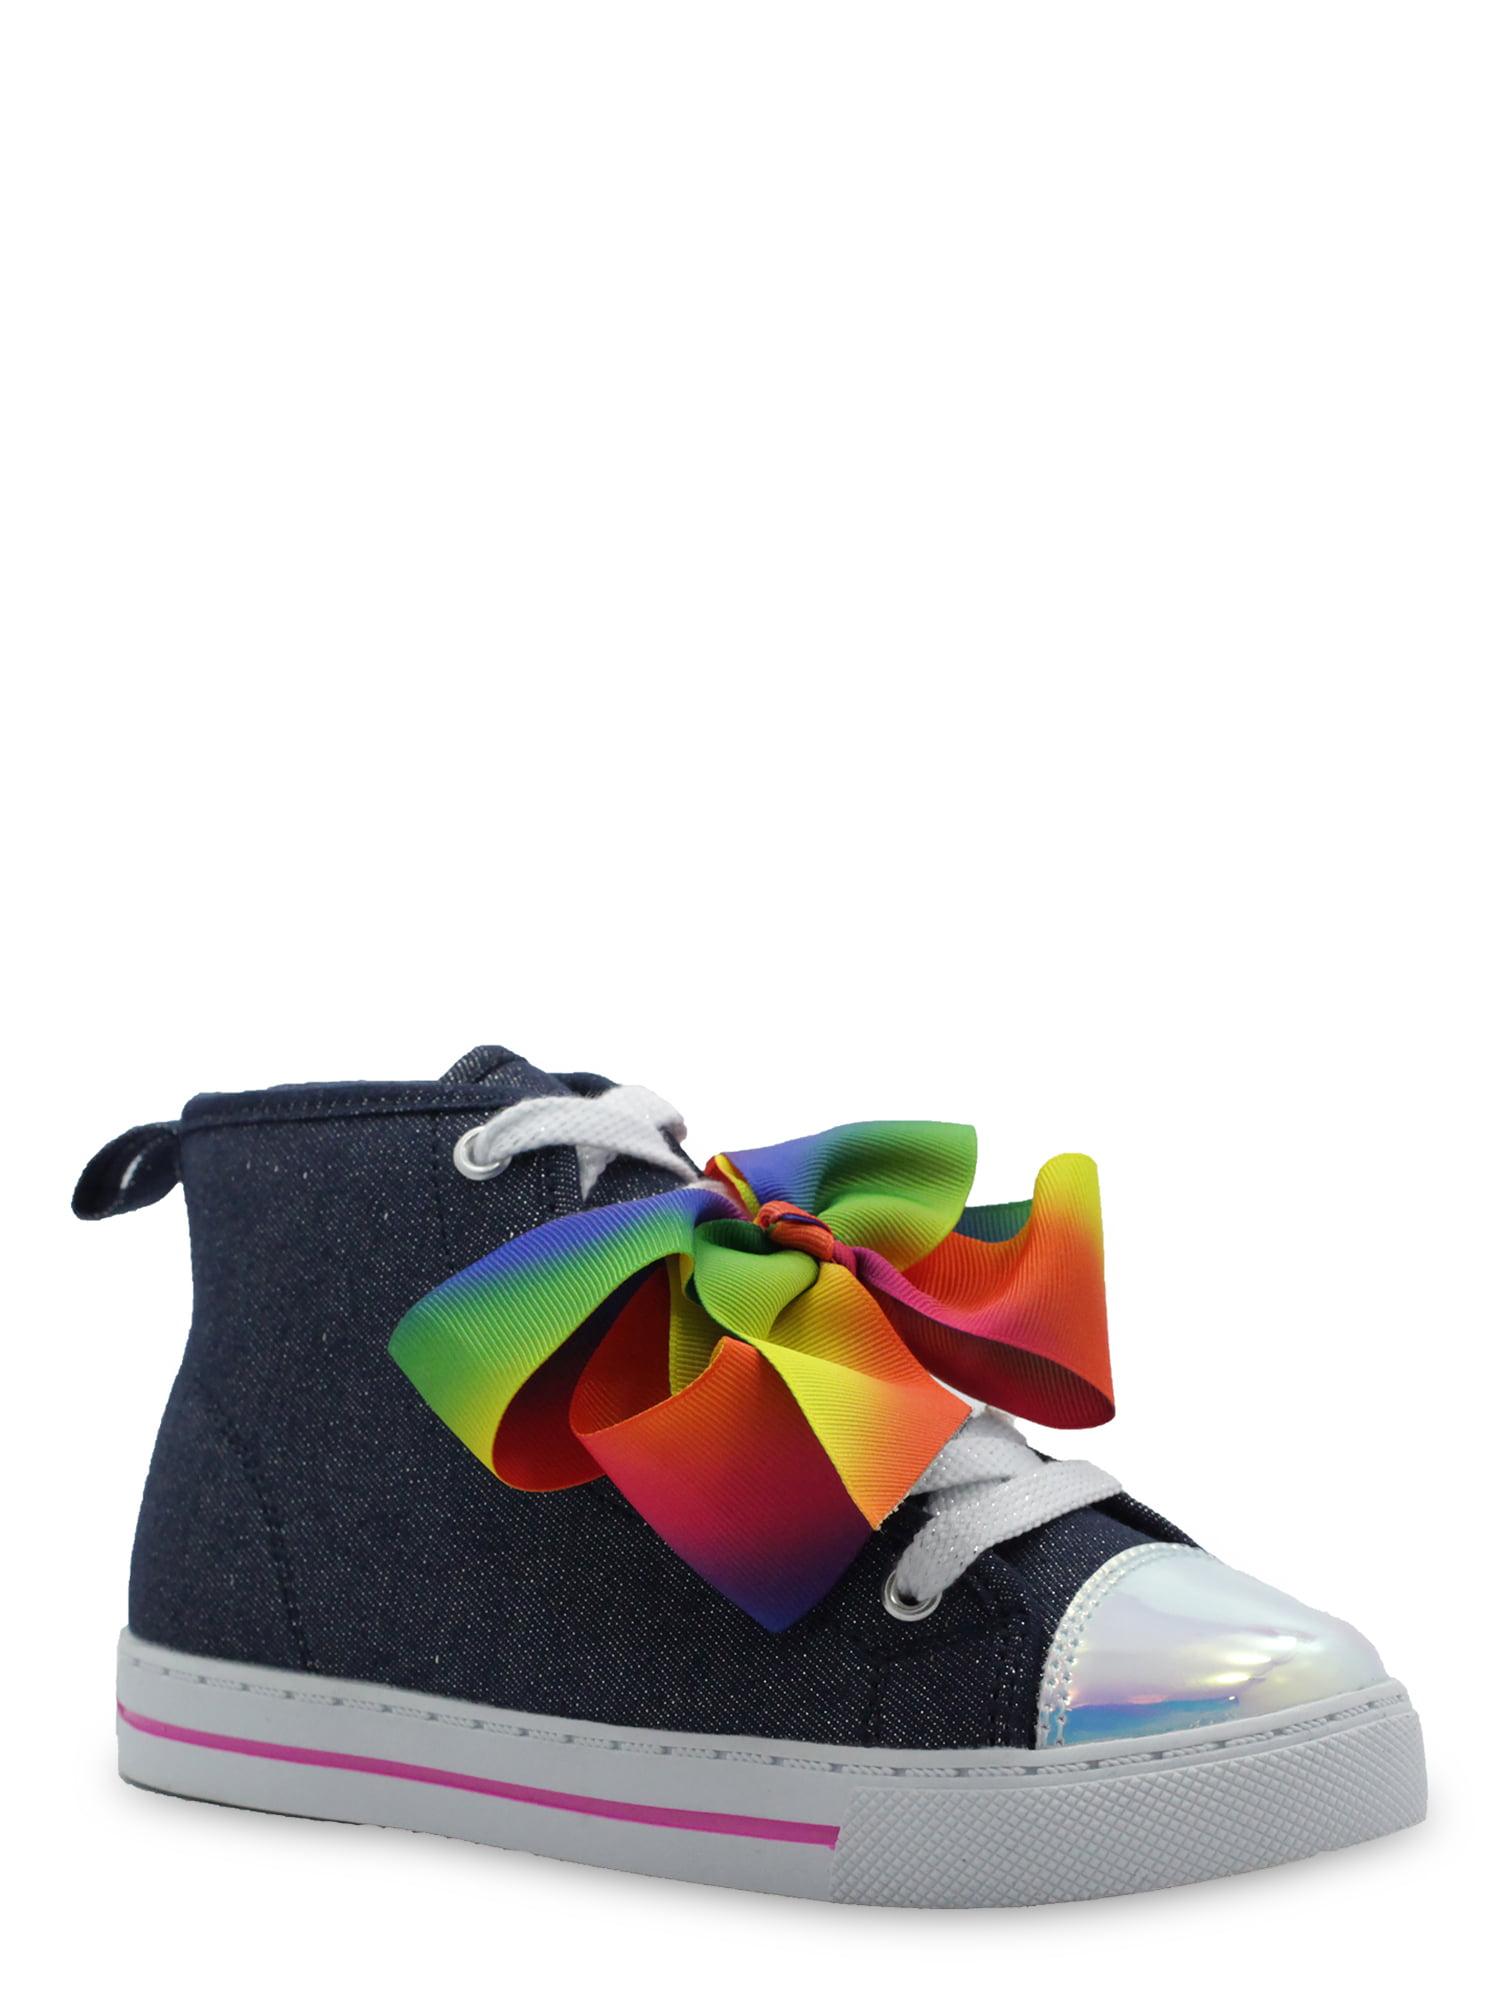 Nickelodeon Jojo Siwa Rainbow Denim